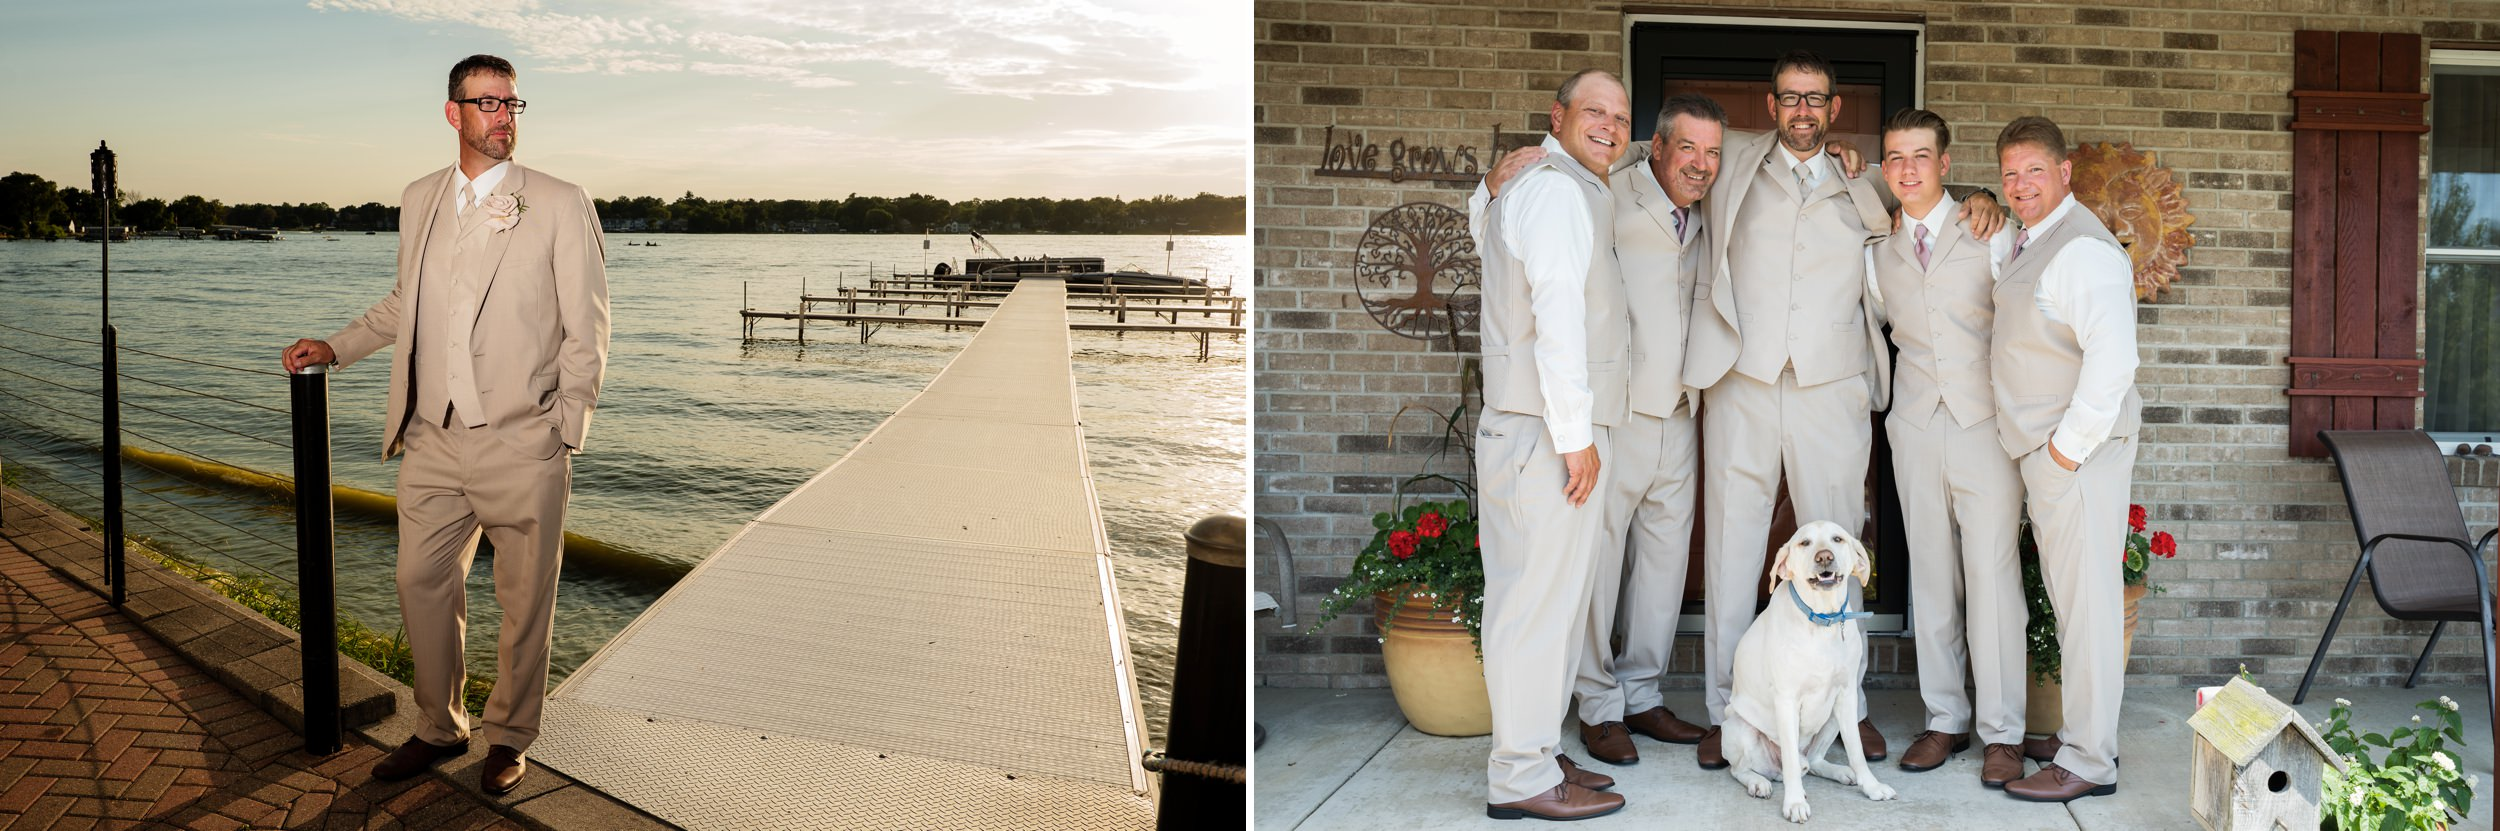 Groom and groomsmen on wedding day.